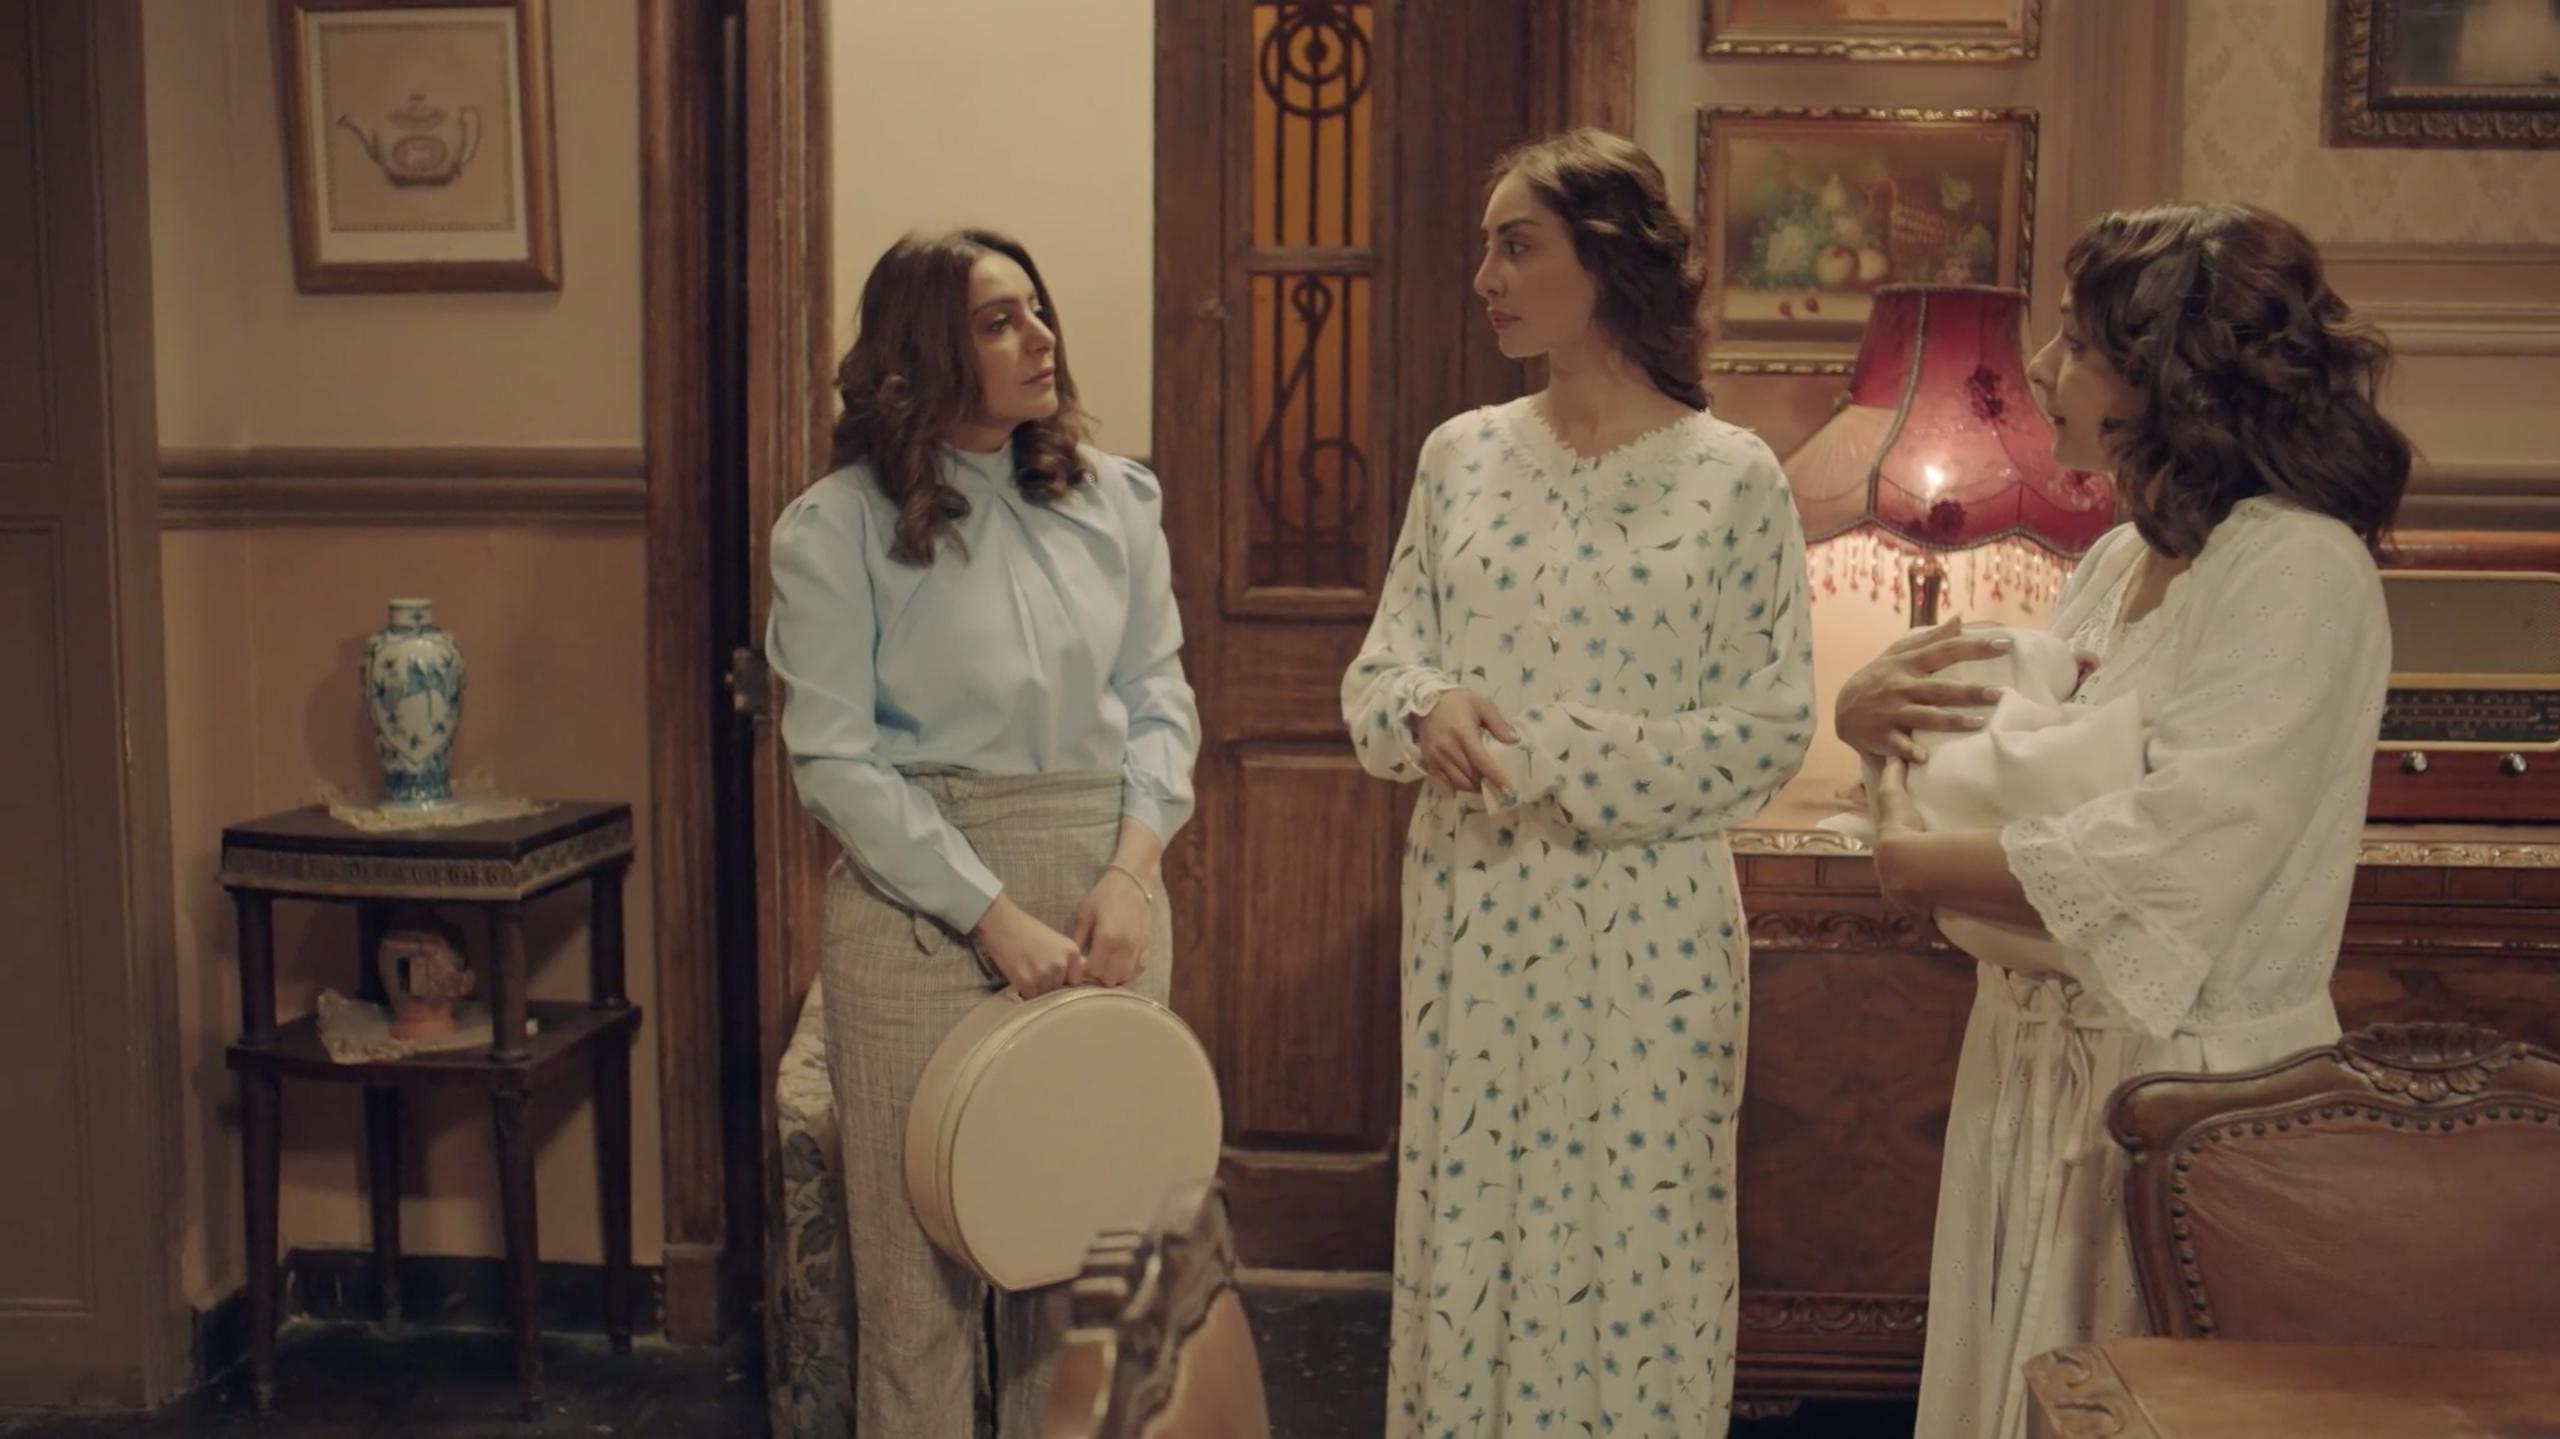 فاطمة الصفي ومرام البلوشي من مسلسل دفعة القاهرة